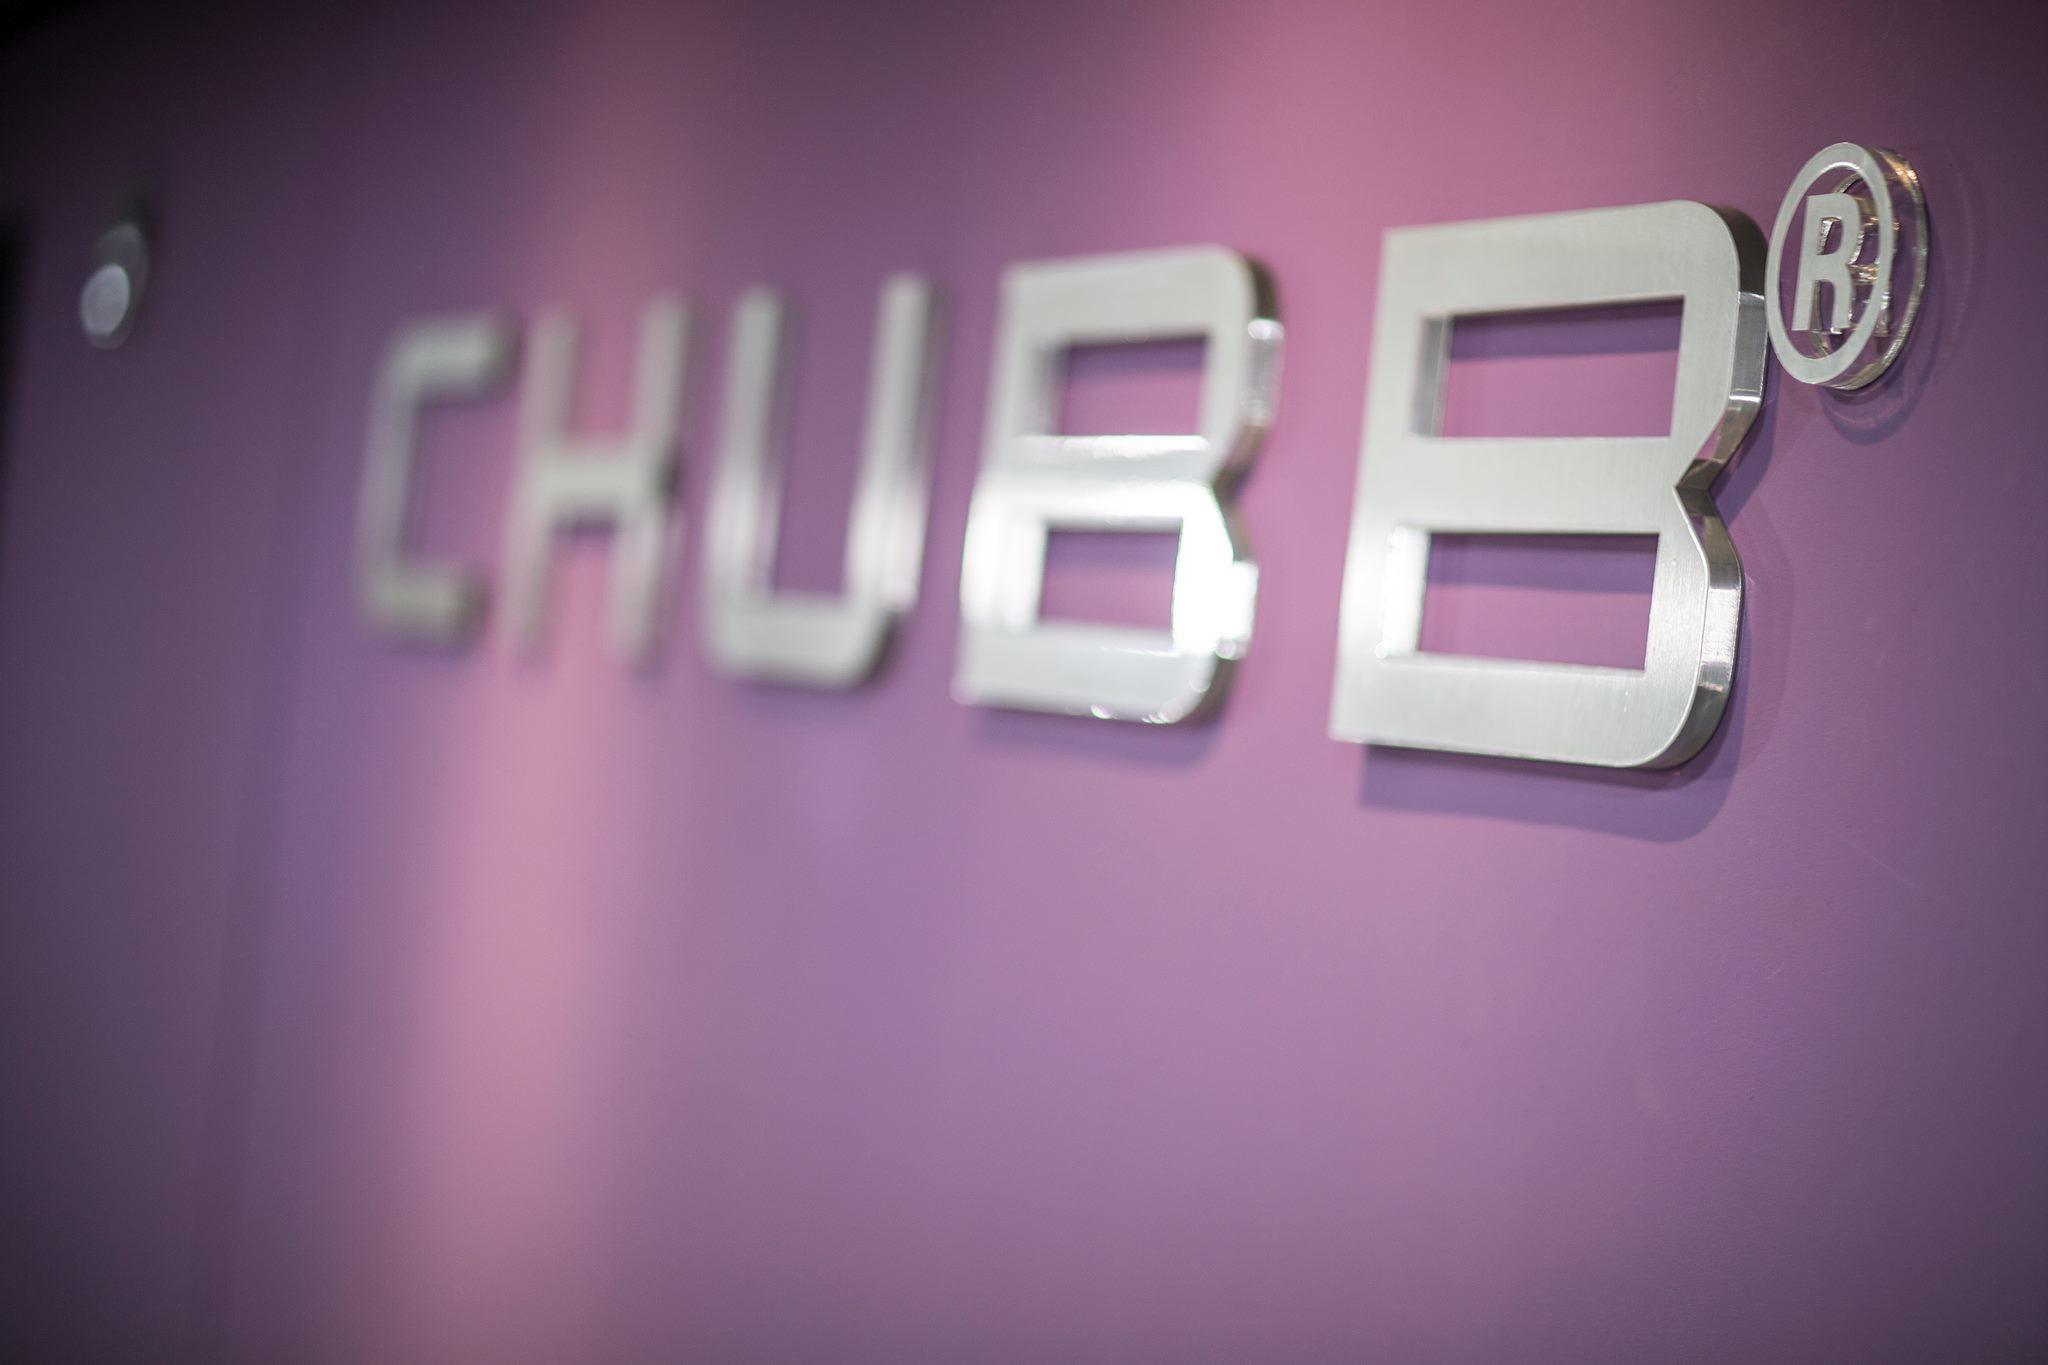 安達人壽推出業界首創為壽險顧問而設的個人化數碼平台 Chubb Link